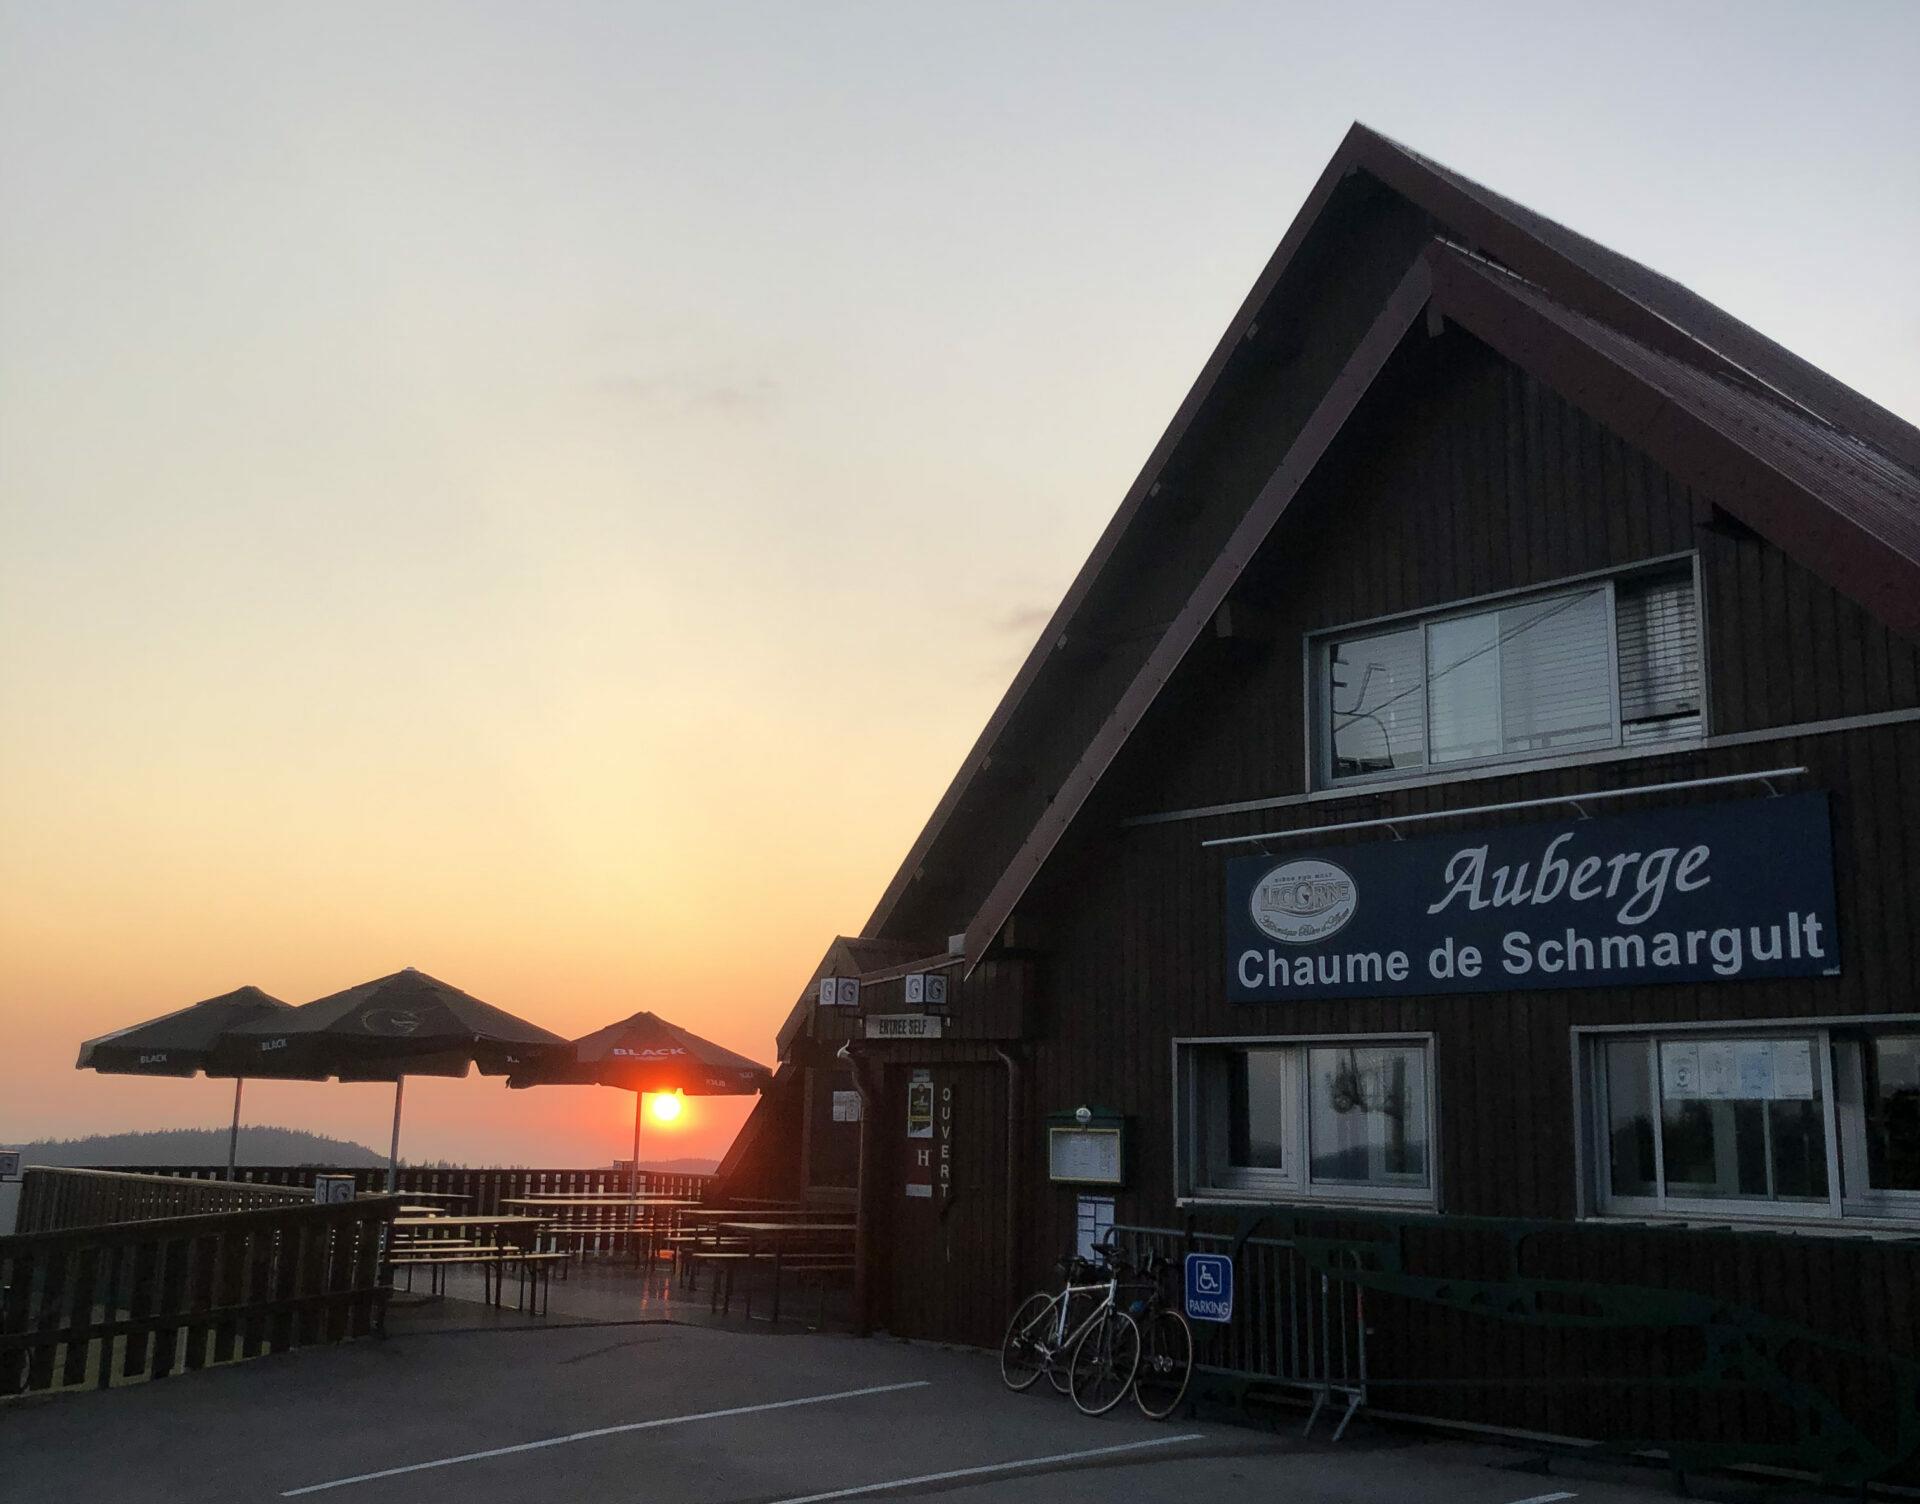 Coucher du soleil sur la ferme-auberge de la Chaume de Schmargult dans le Massif des Vosges